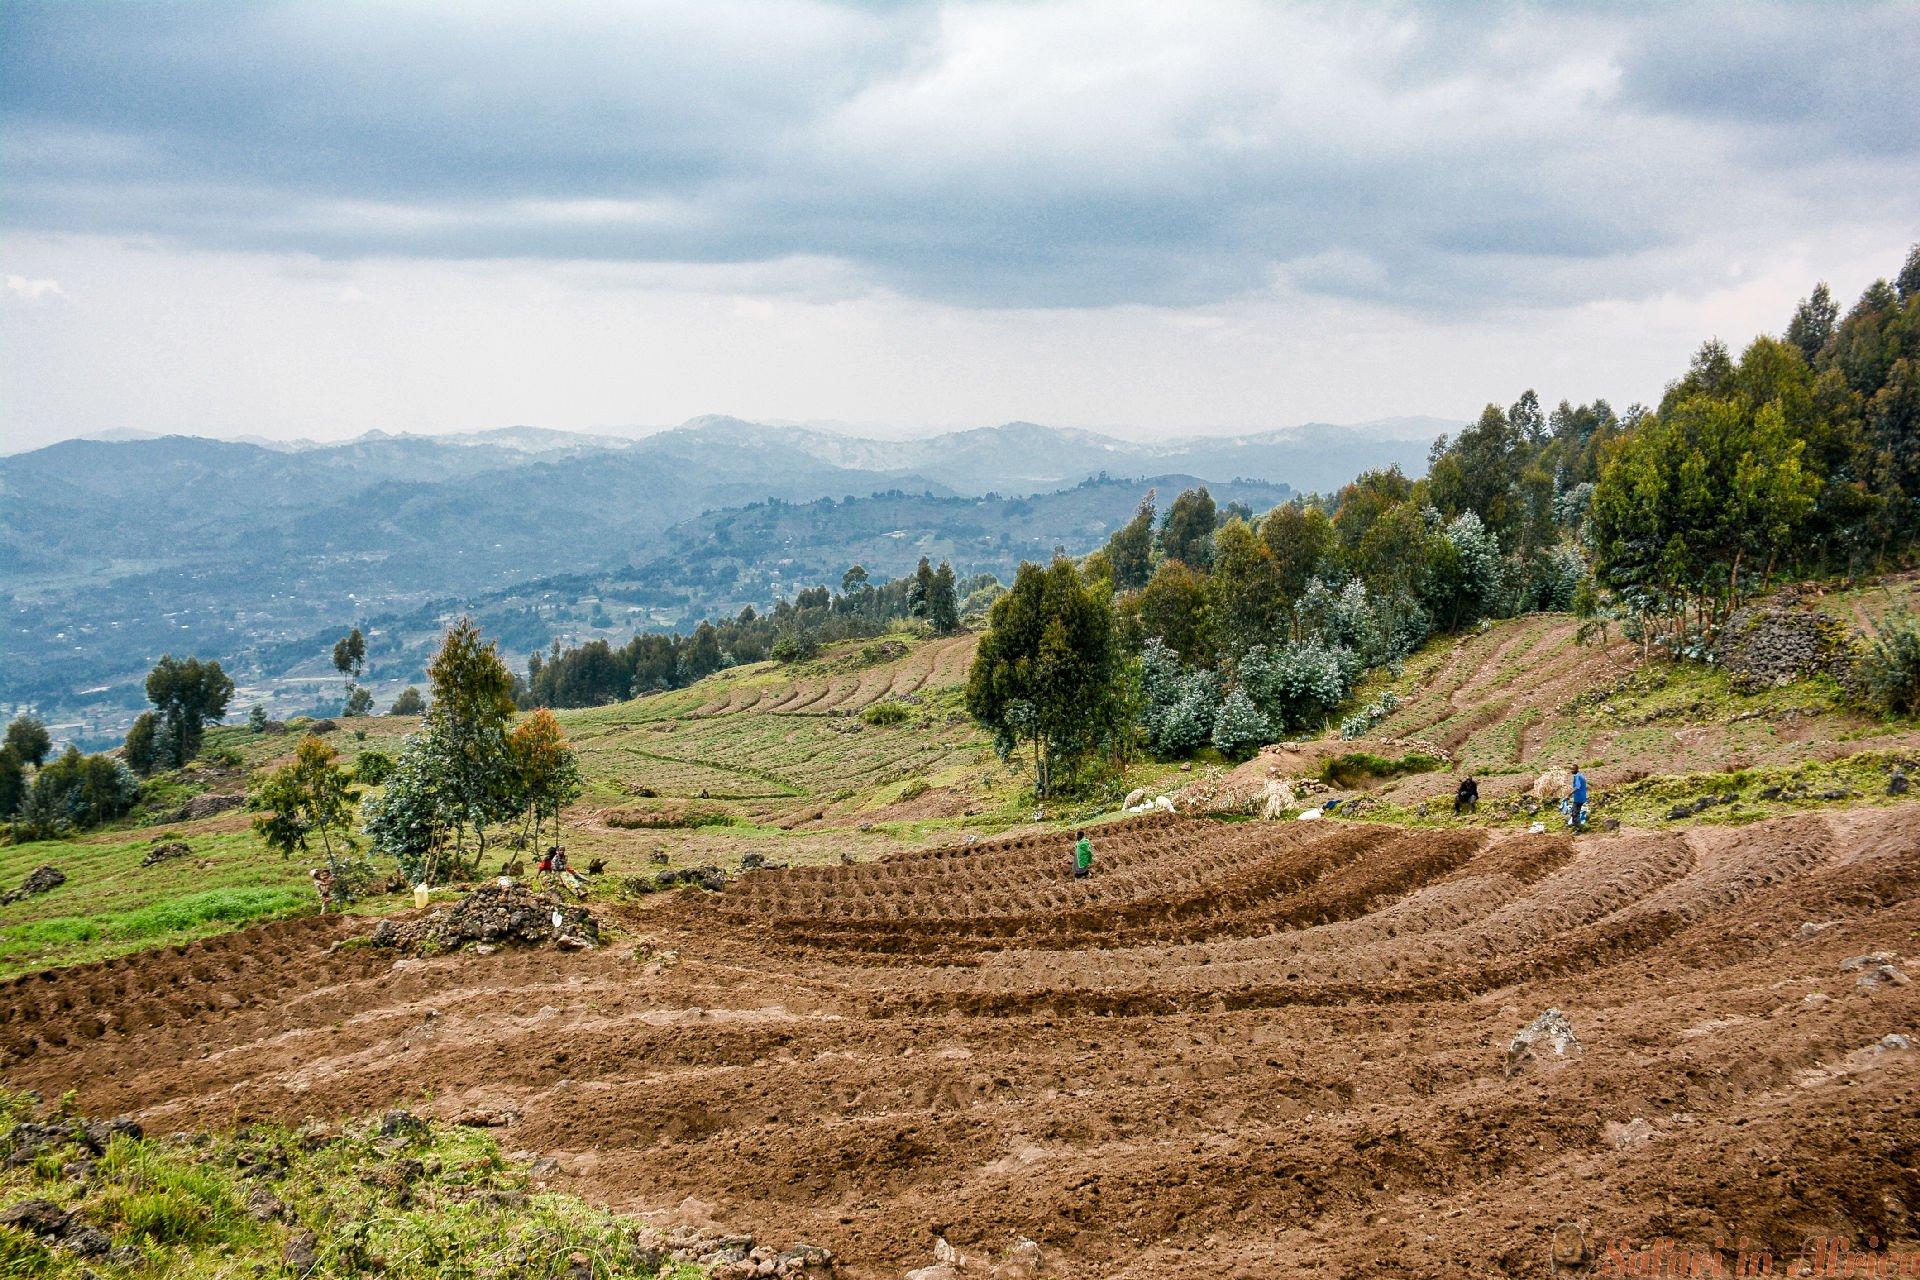 Boeren planten aardappelen in de hooglanden van Rwanda in de buurt van Volcanoes National Park